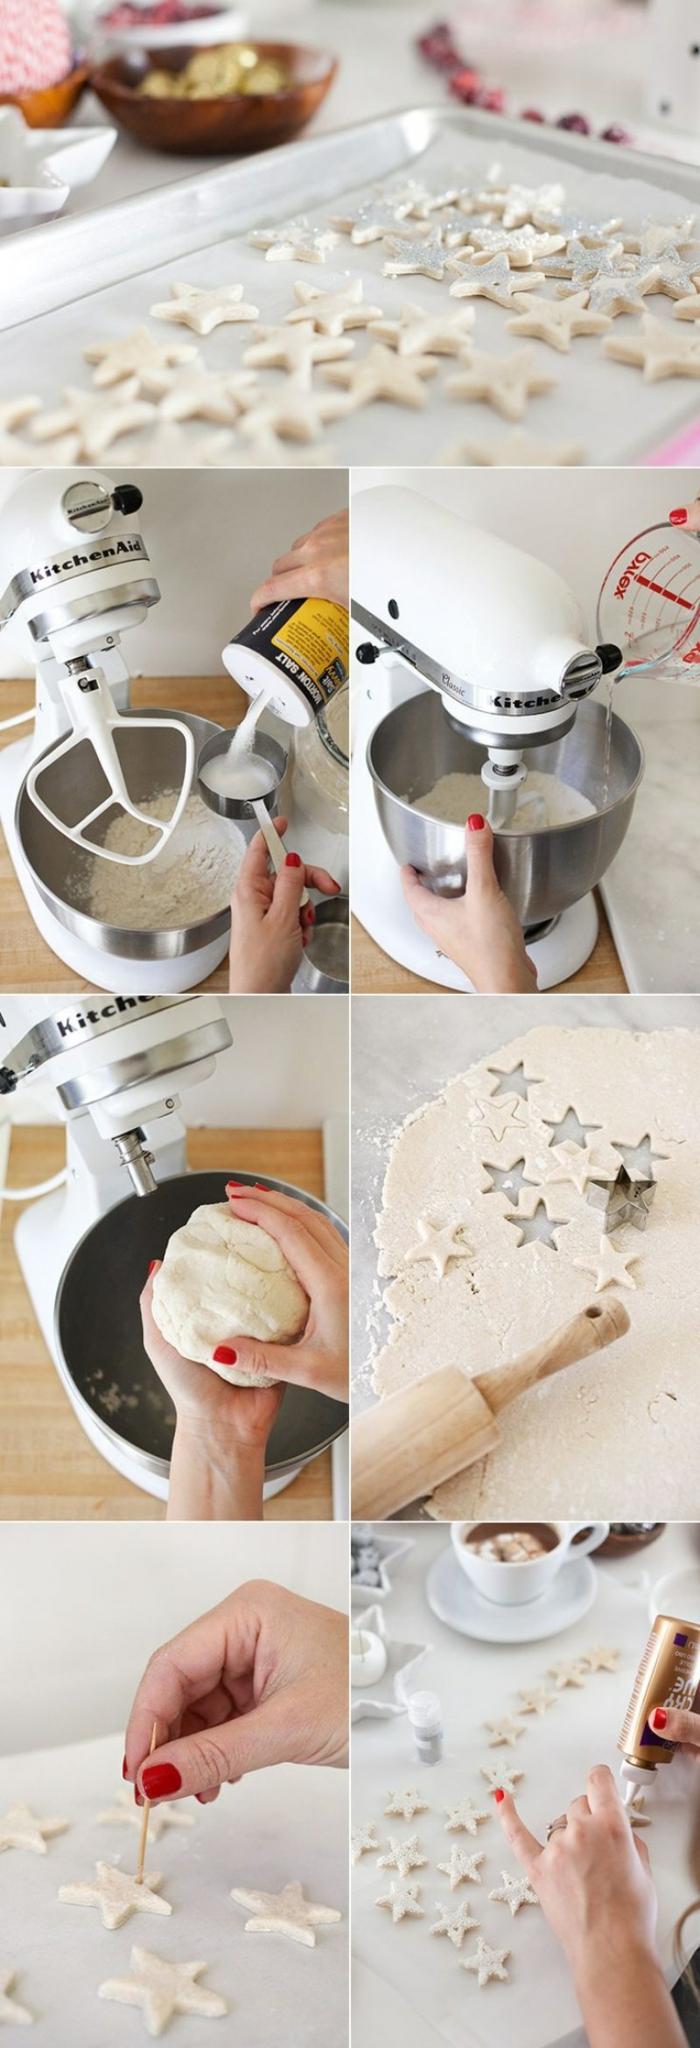 recette guirlande de noël en pâte à sel